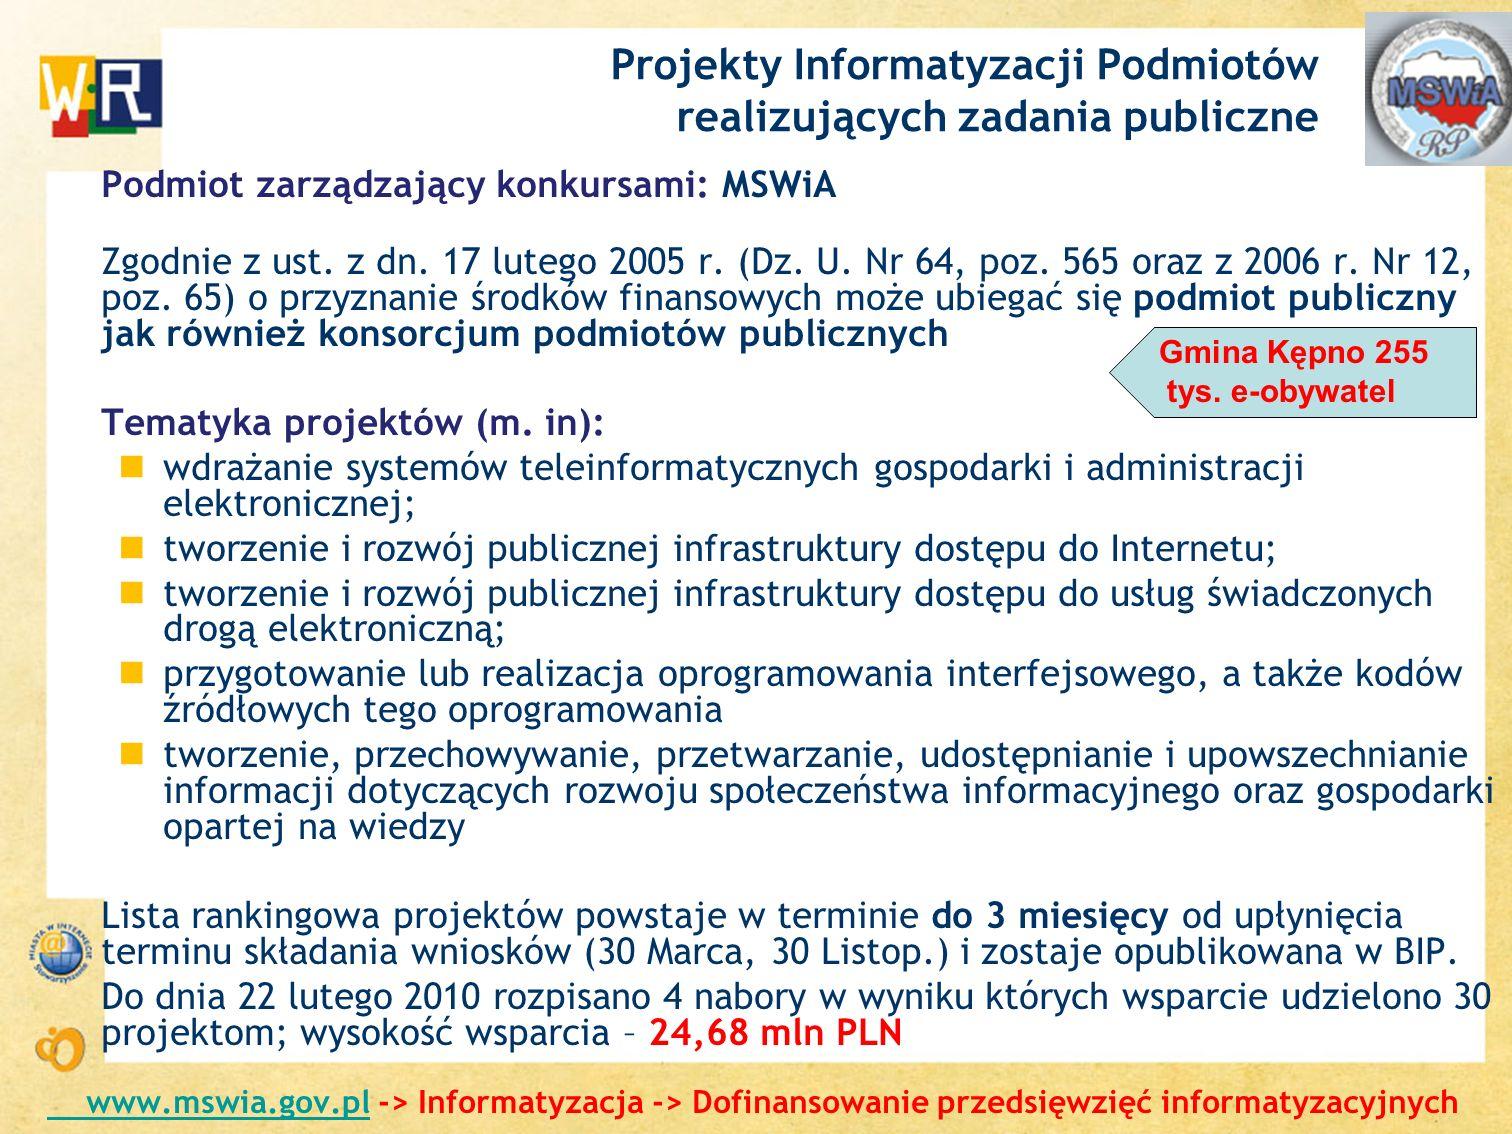 Projekty Informatyzacji Podmiotów realizujących zadania publiczne